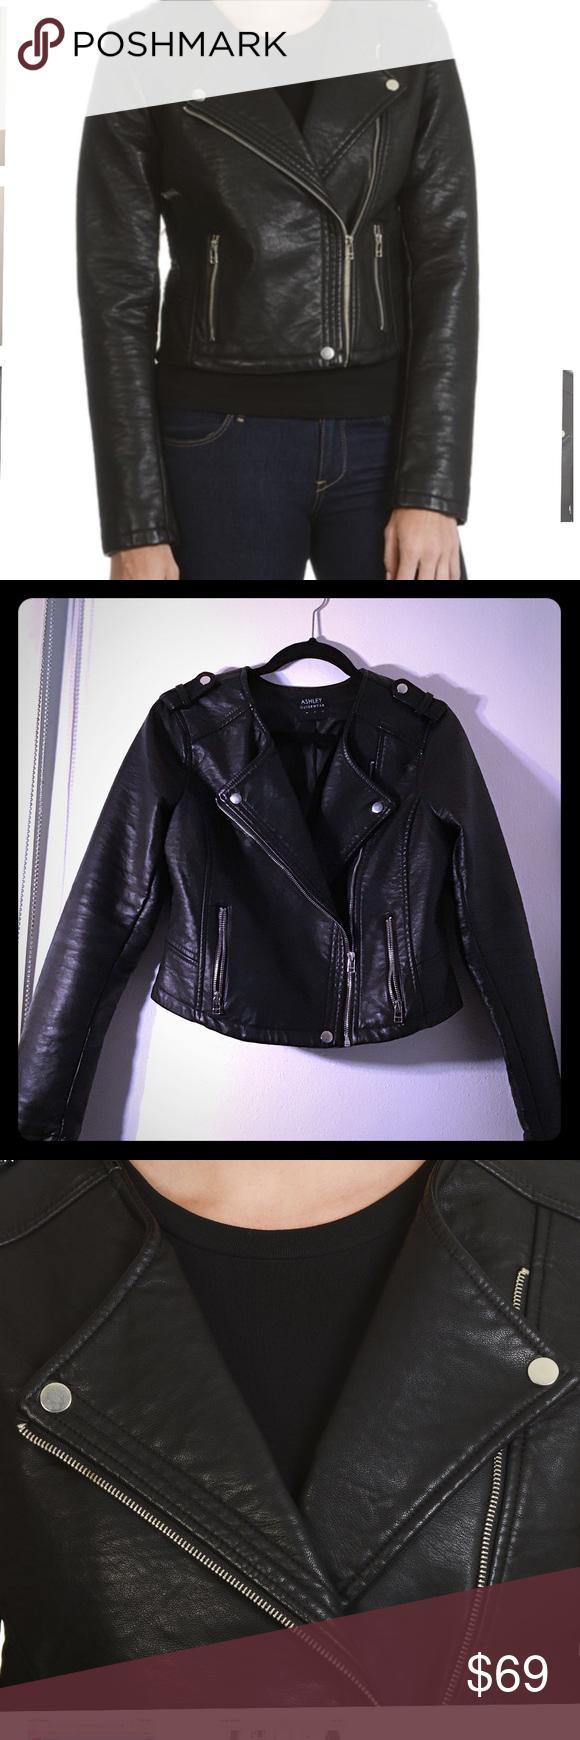 Ashley Outerwear Women S Jacket Ashley Outerwear Women S Faux Leather Moto Jacket Jackets Coats Outerwear Women Jackets Jackets For Women [ 1740 x 580 Pixel ]